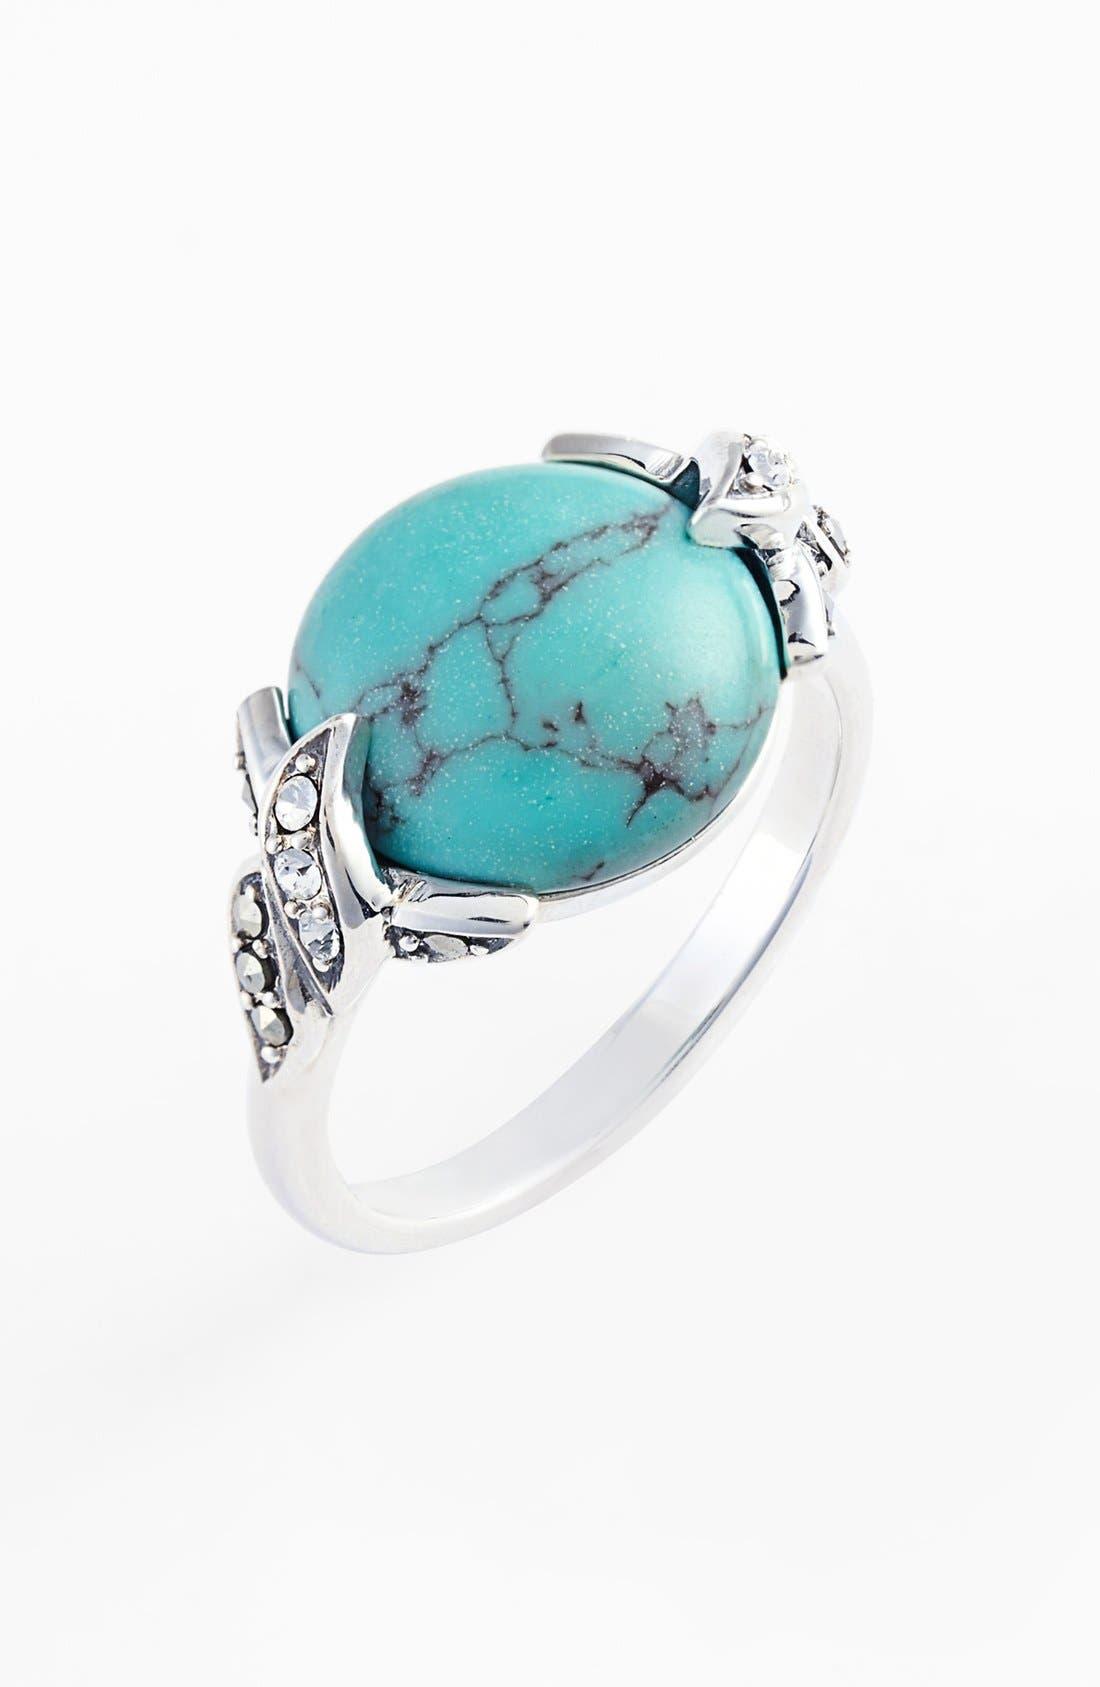 Main Image - Judith Jack 'Paradise' Turquoise Stone Ring